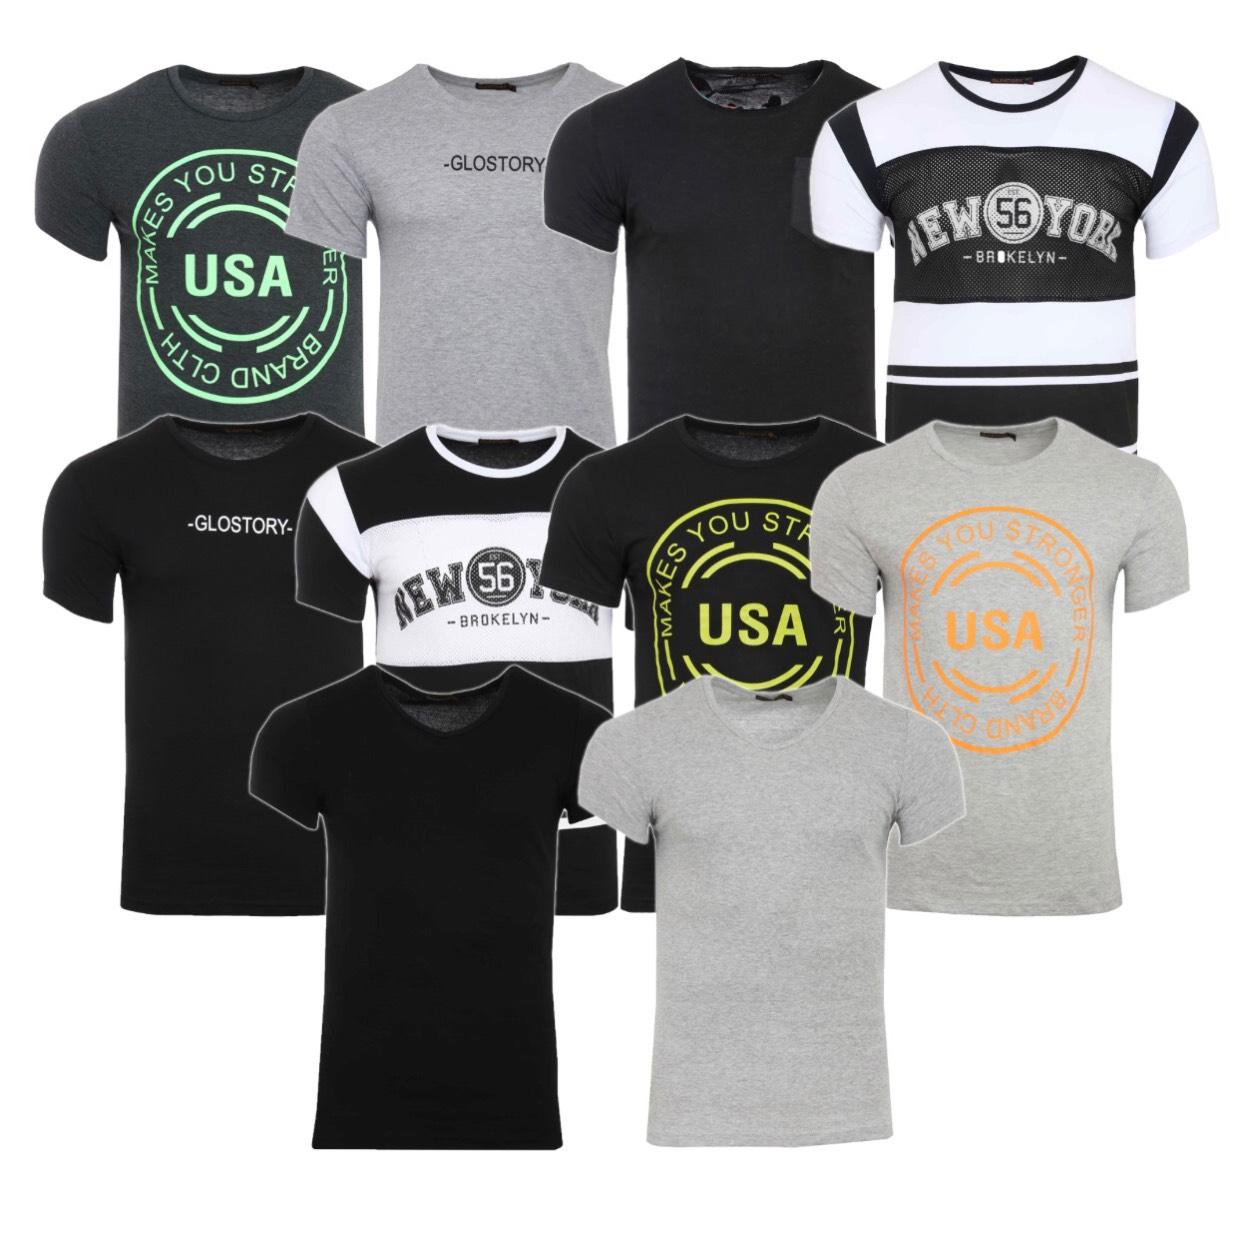 BILLIGE T-Shirts in verschiedenen Größen, versandkostenfrei.